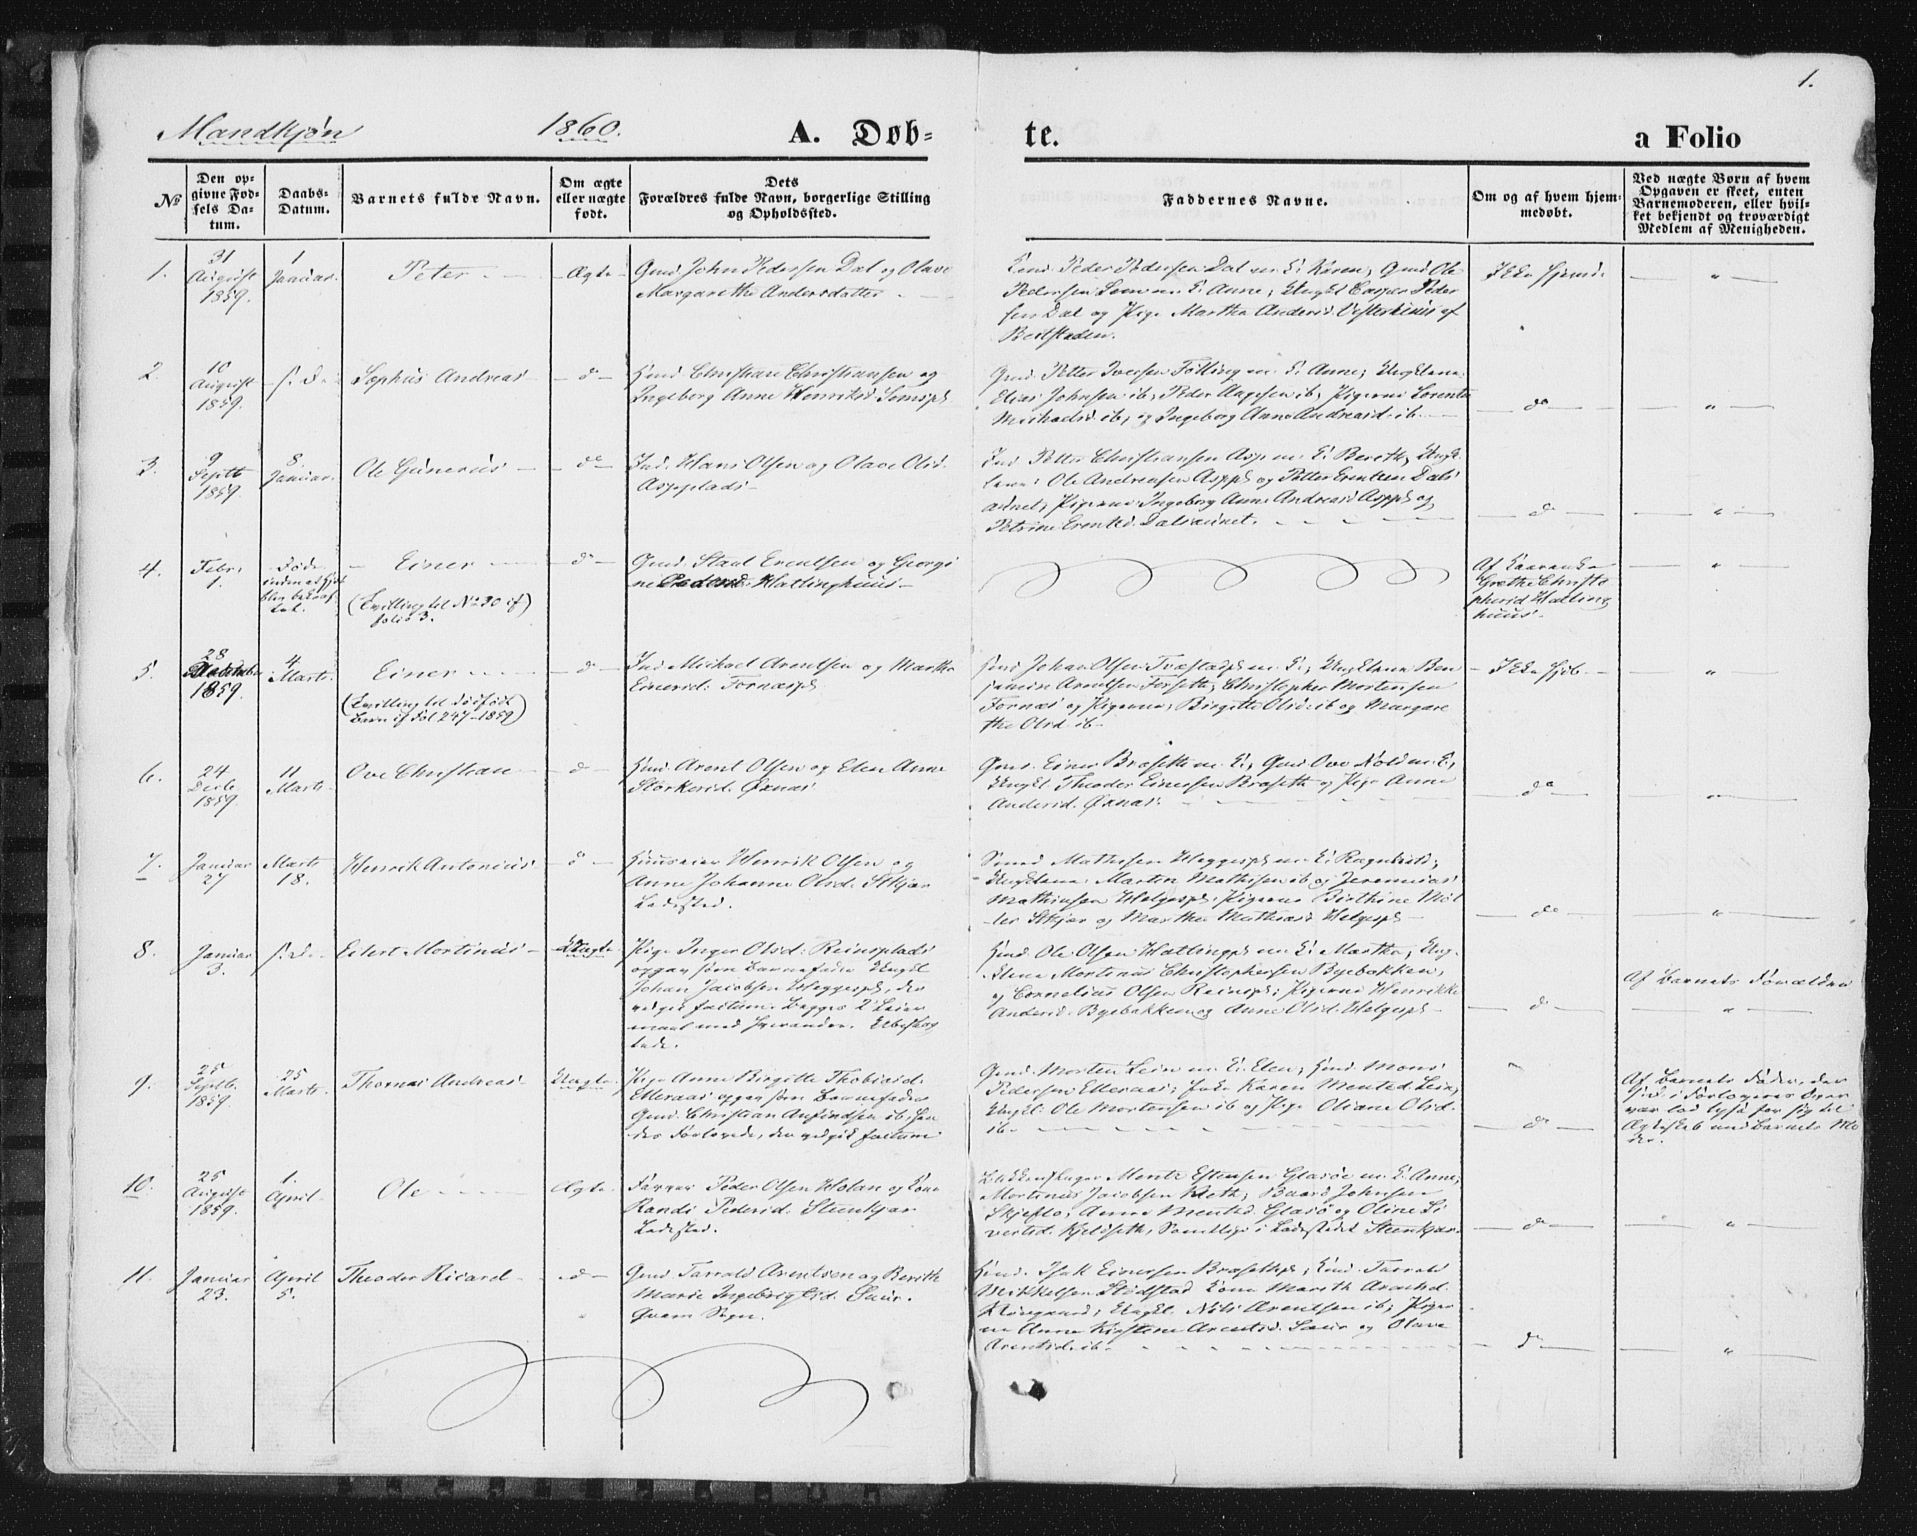 SAT, Ministerialprotokoller, klokkerbøker og fødselsregistre - Nord-Trøndelag, 746/L0447: Ministerialbok nr. 746A06, 1860-1877, s. 1